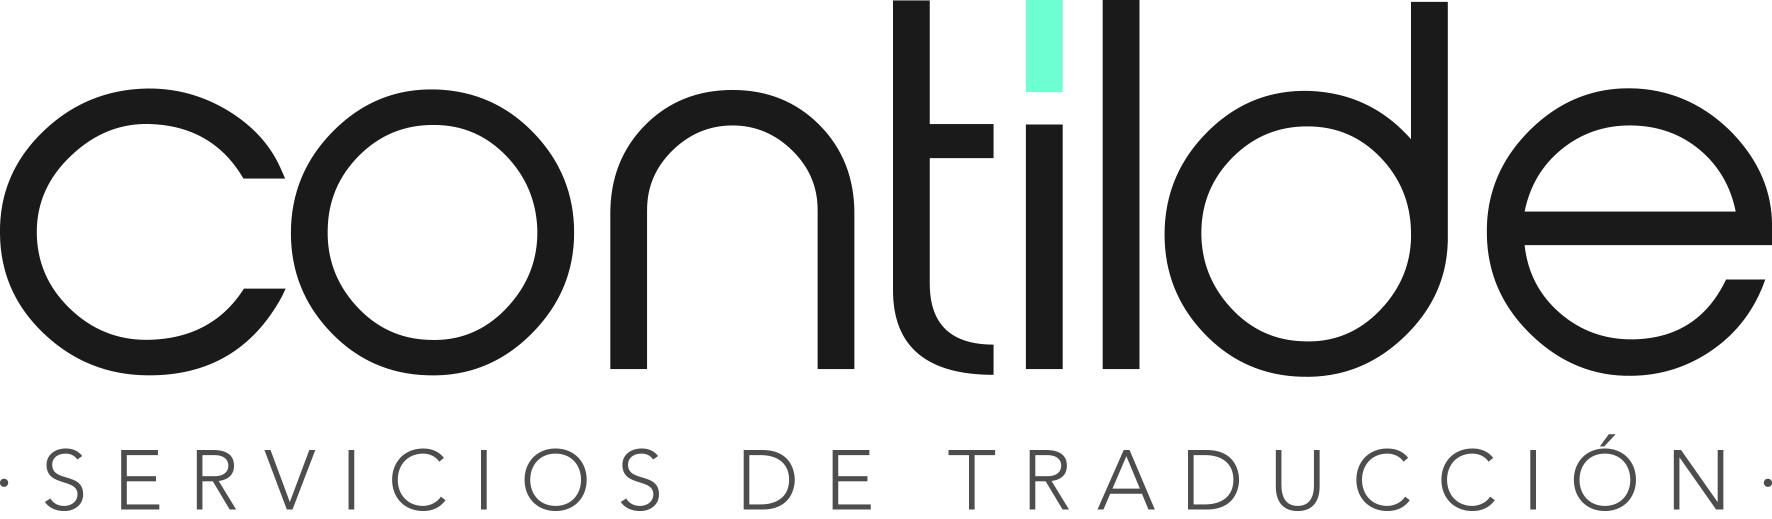 Logo Contilde Servicios de Traducción